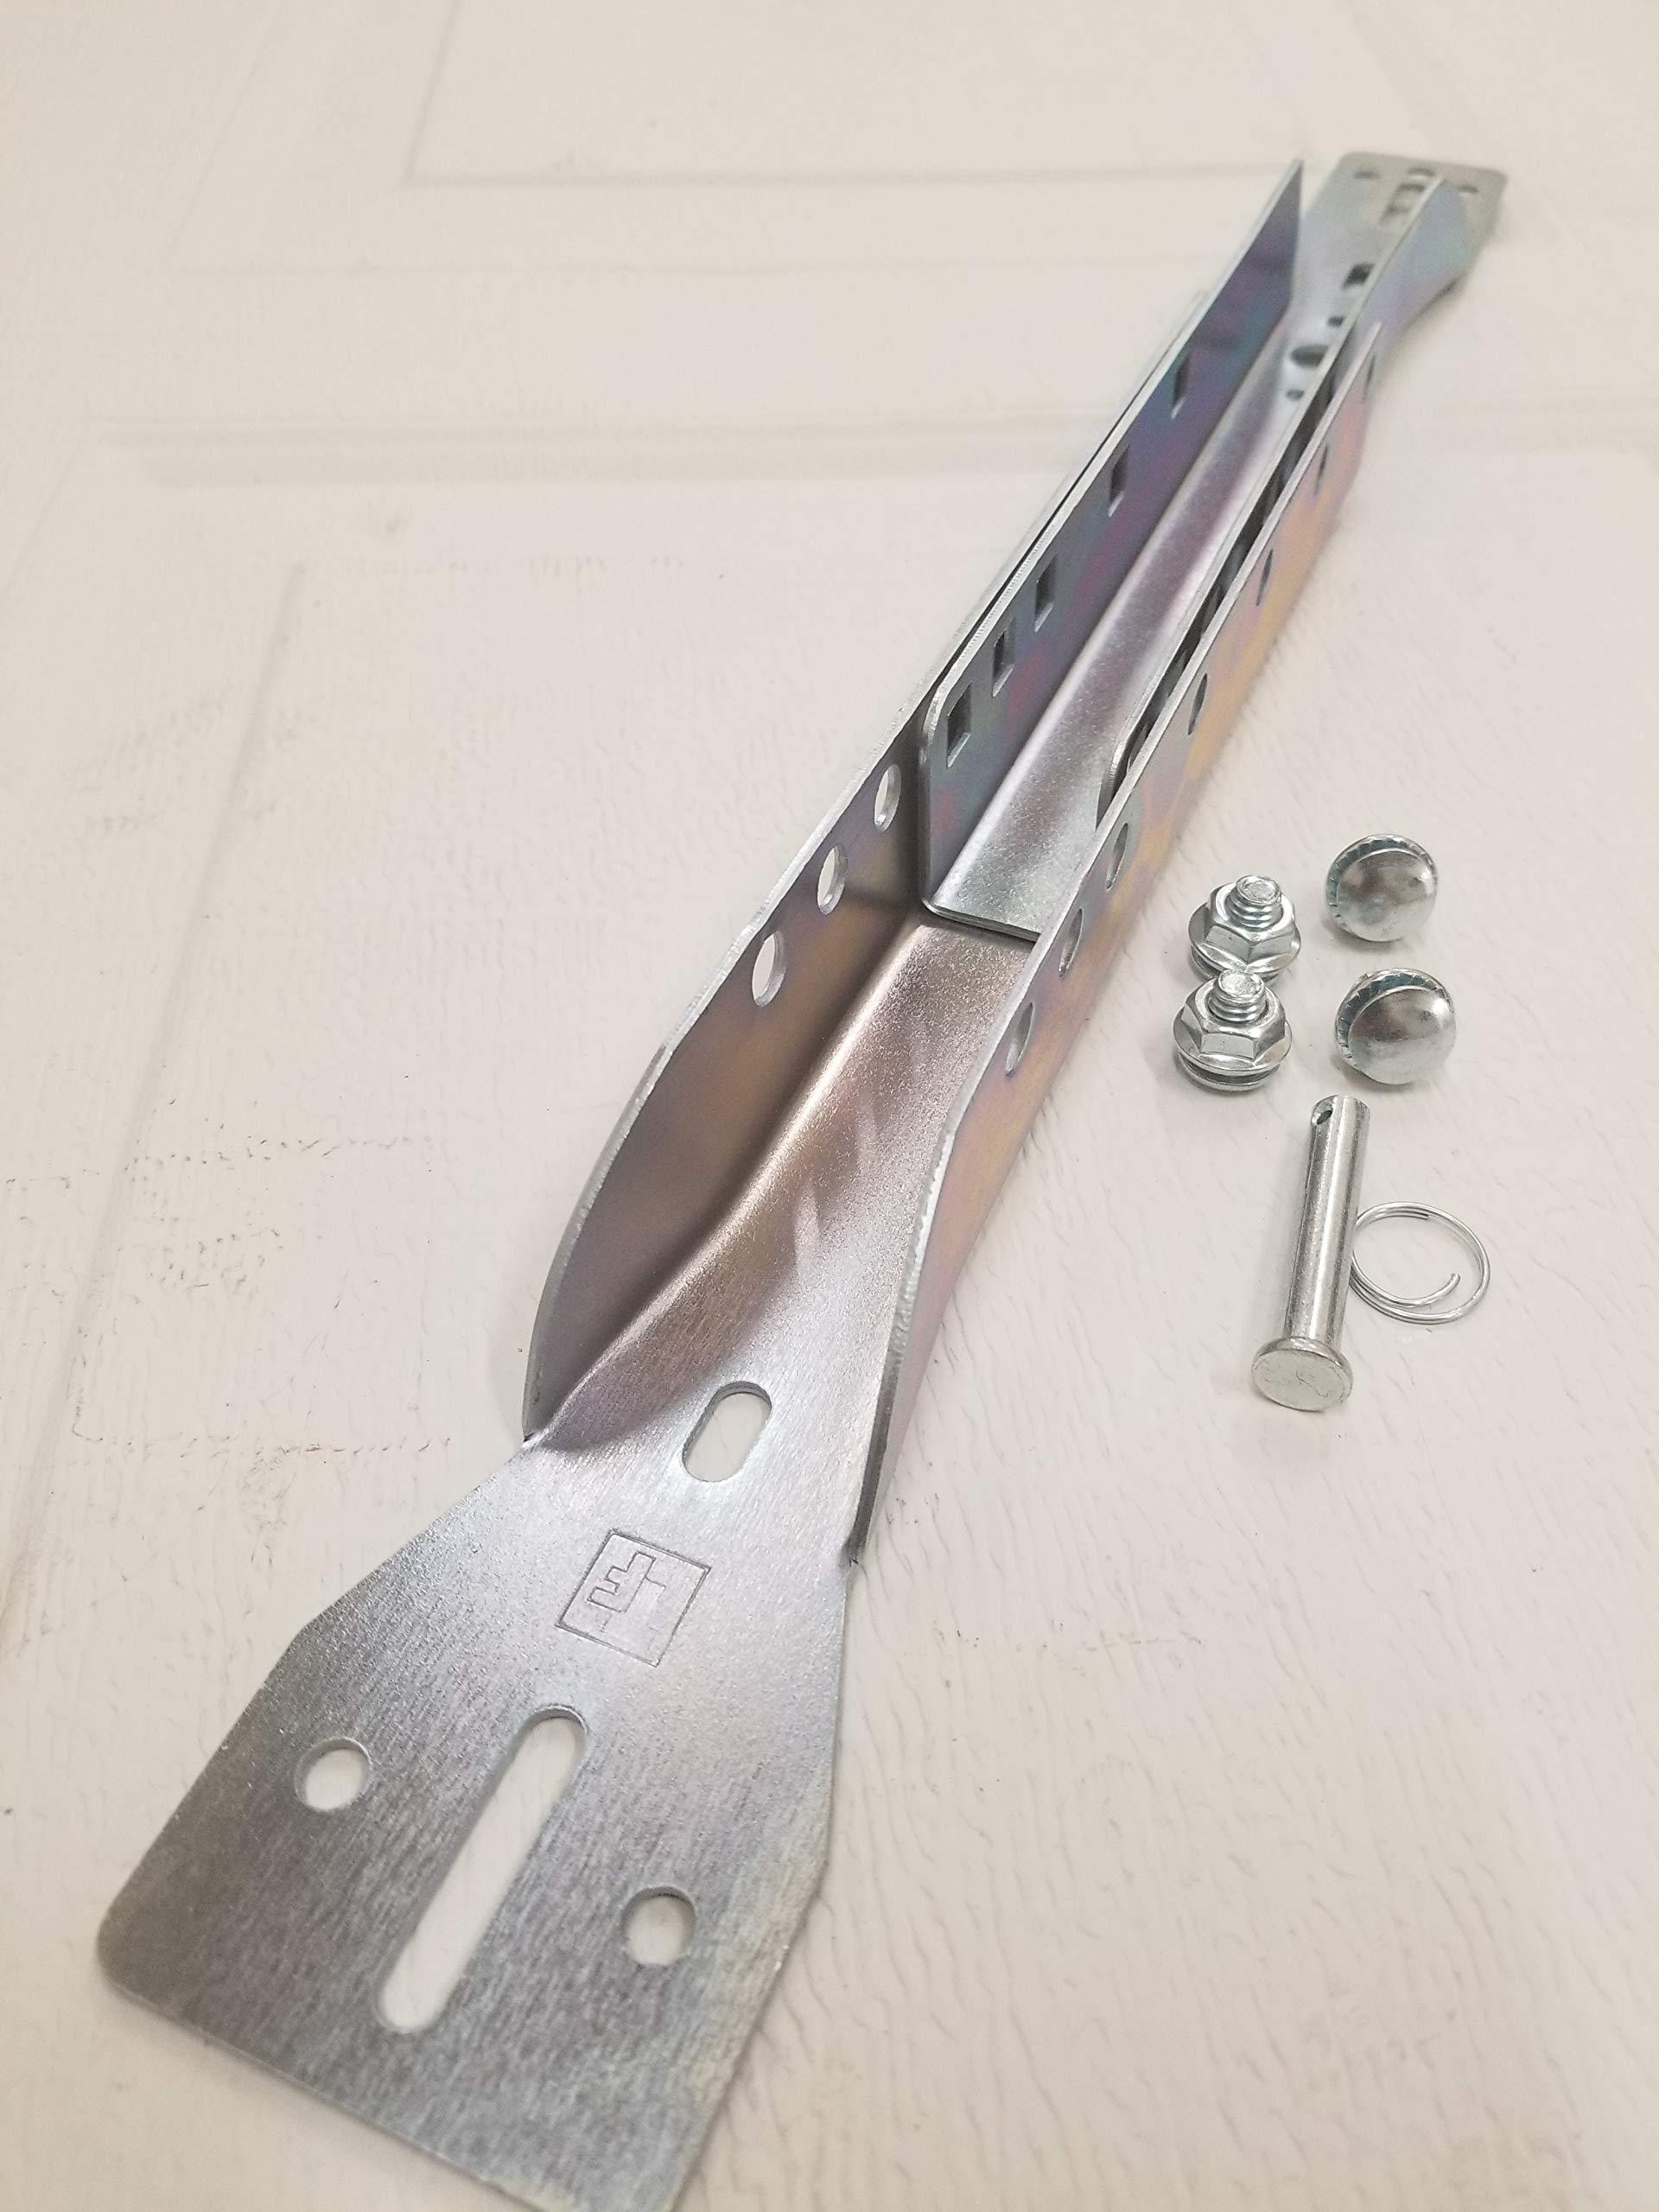 Garage Door Opener Adjustable Reinforcement Bracket - Fits 18''- 21''-24'' Sections